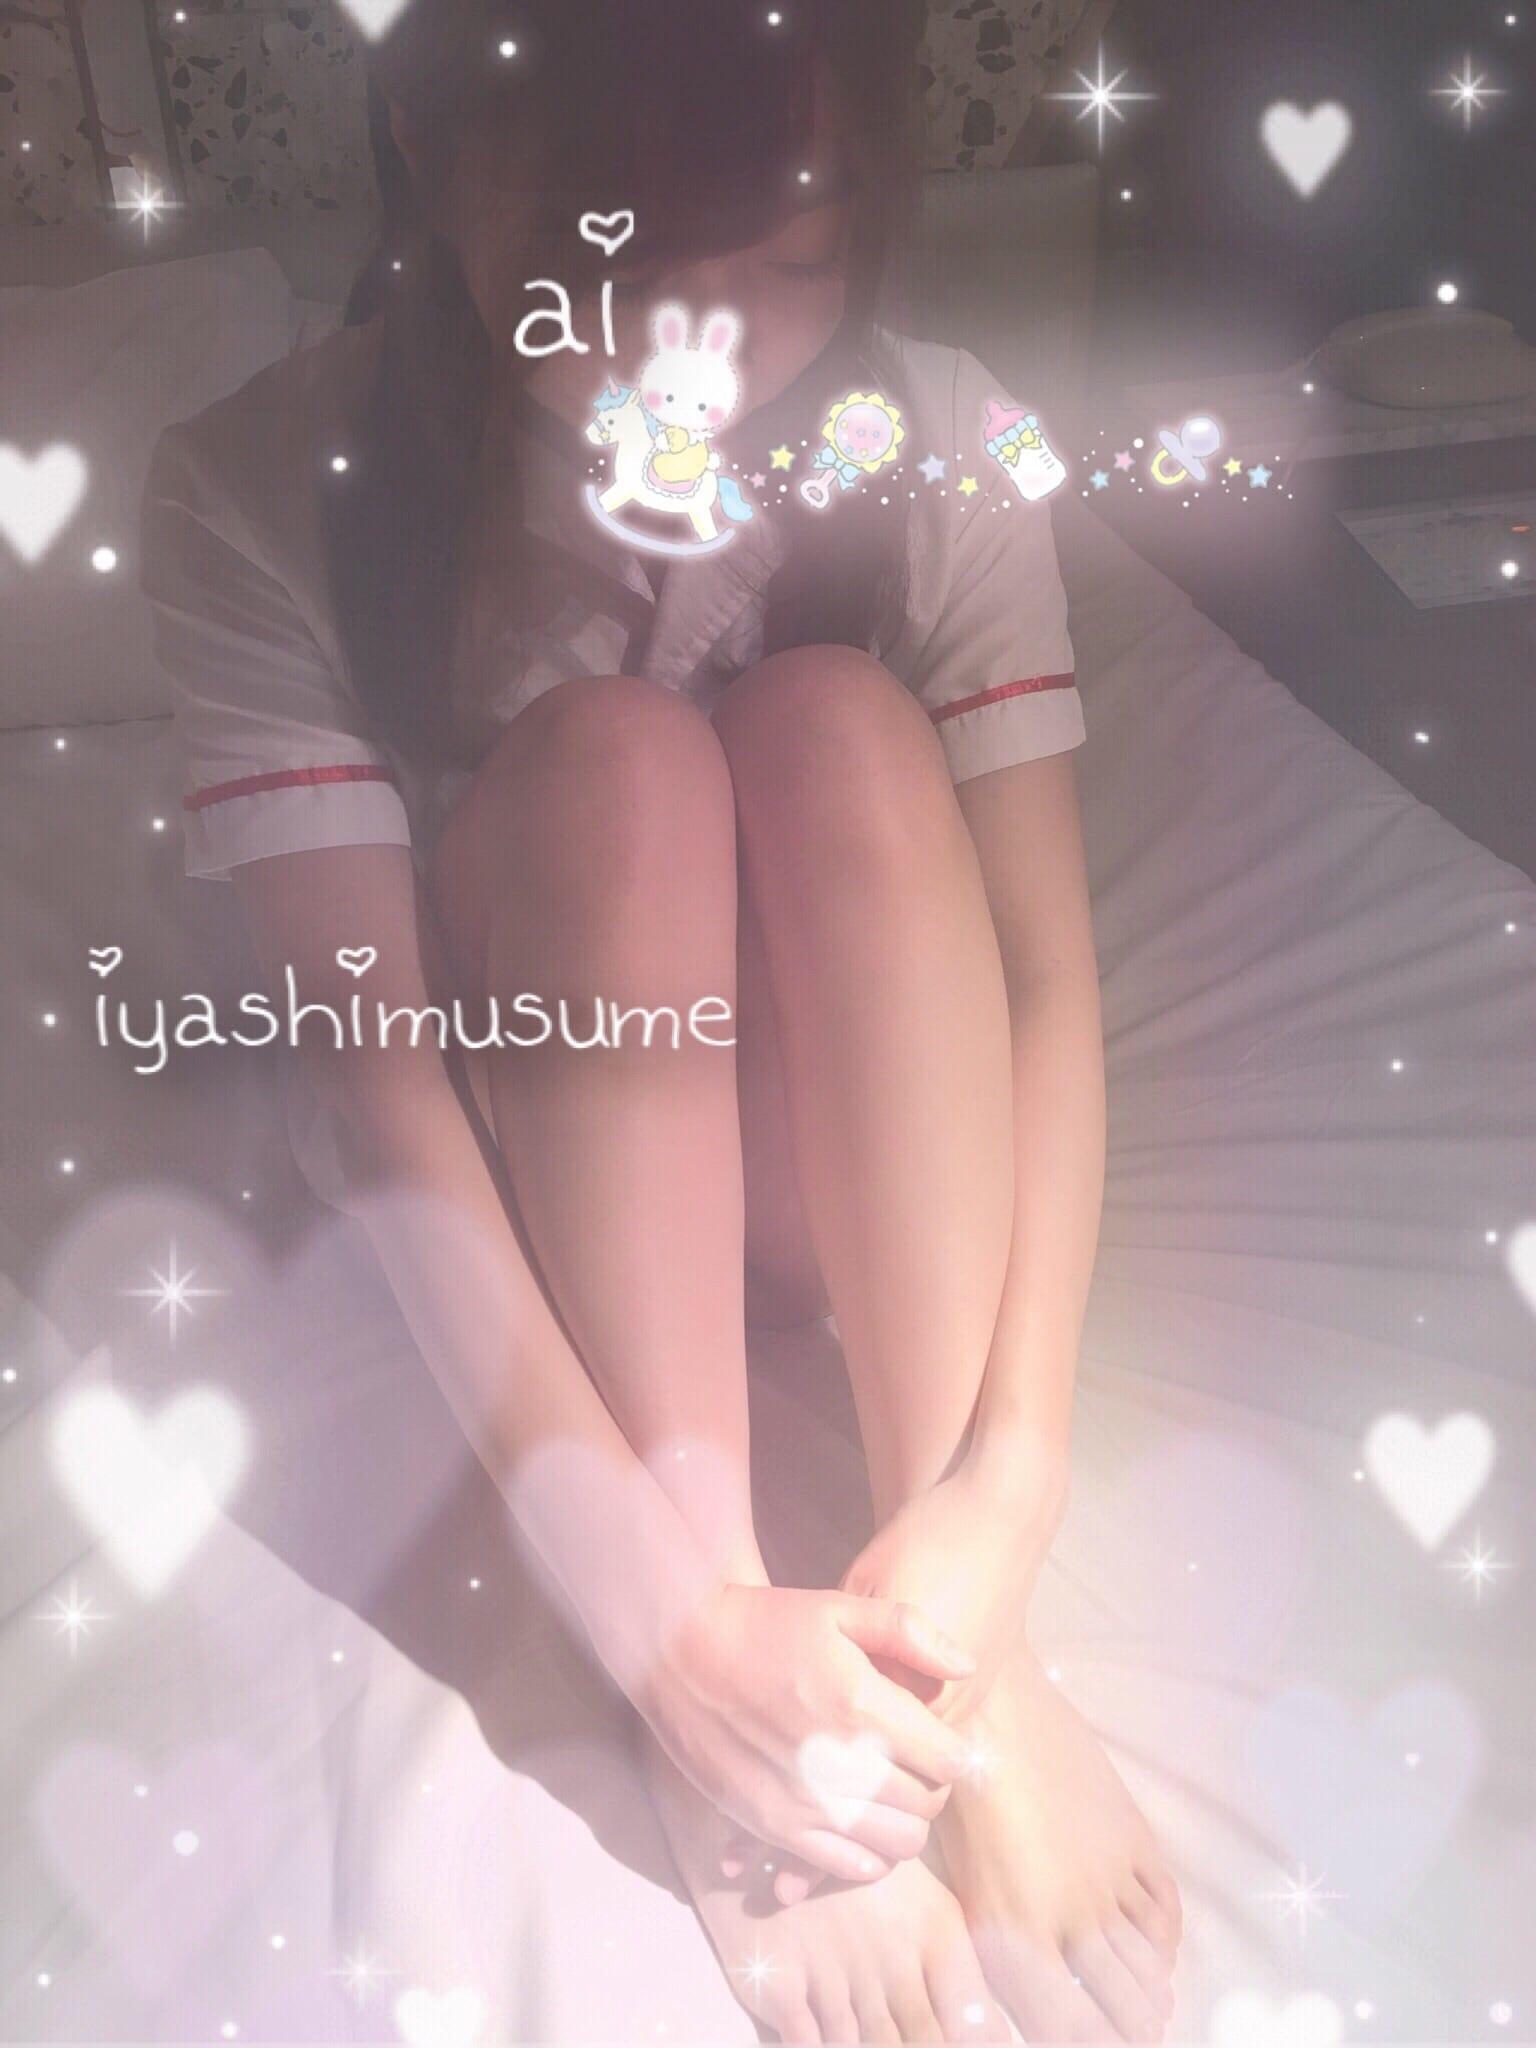 片瀬 あい「暗闇…(。・ω・。)♡*. ゚」02/15(木) 23:10   片瀬 あいの写メ・風俗動画